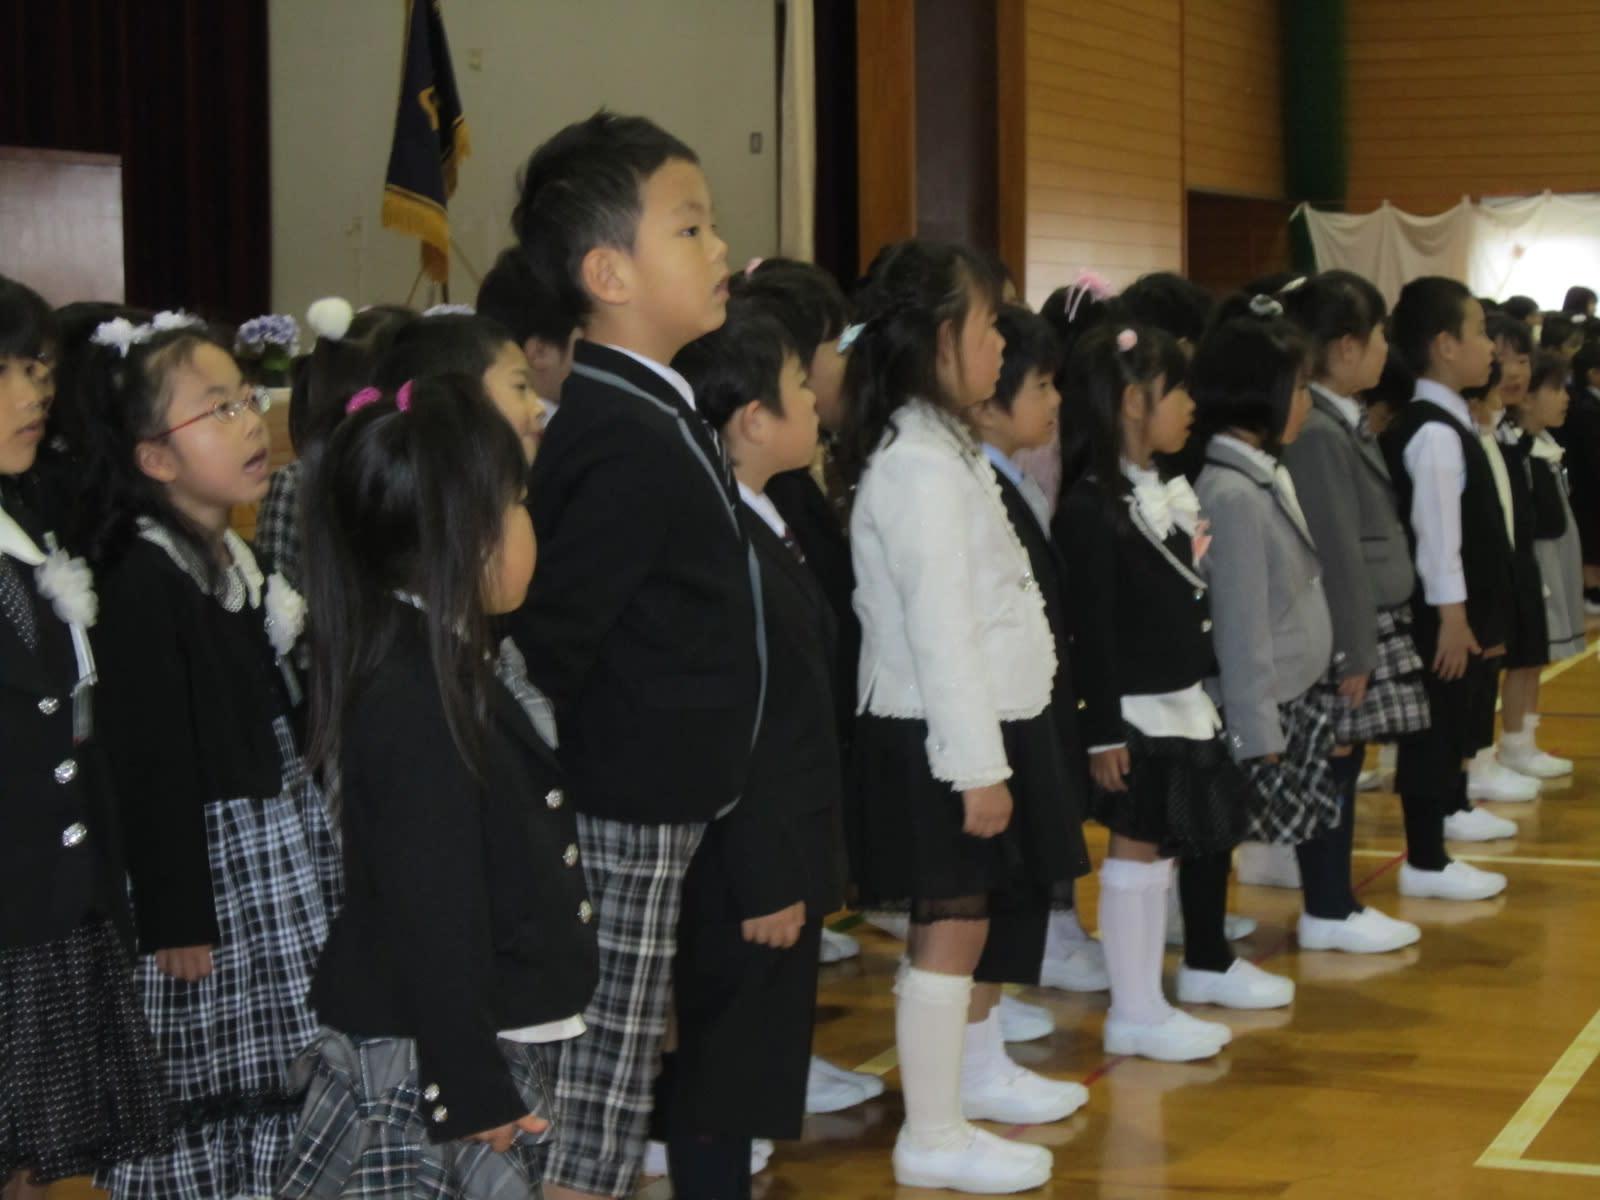 鳥取市立美保南小学校の入学式 -...